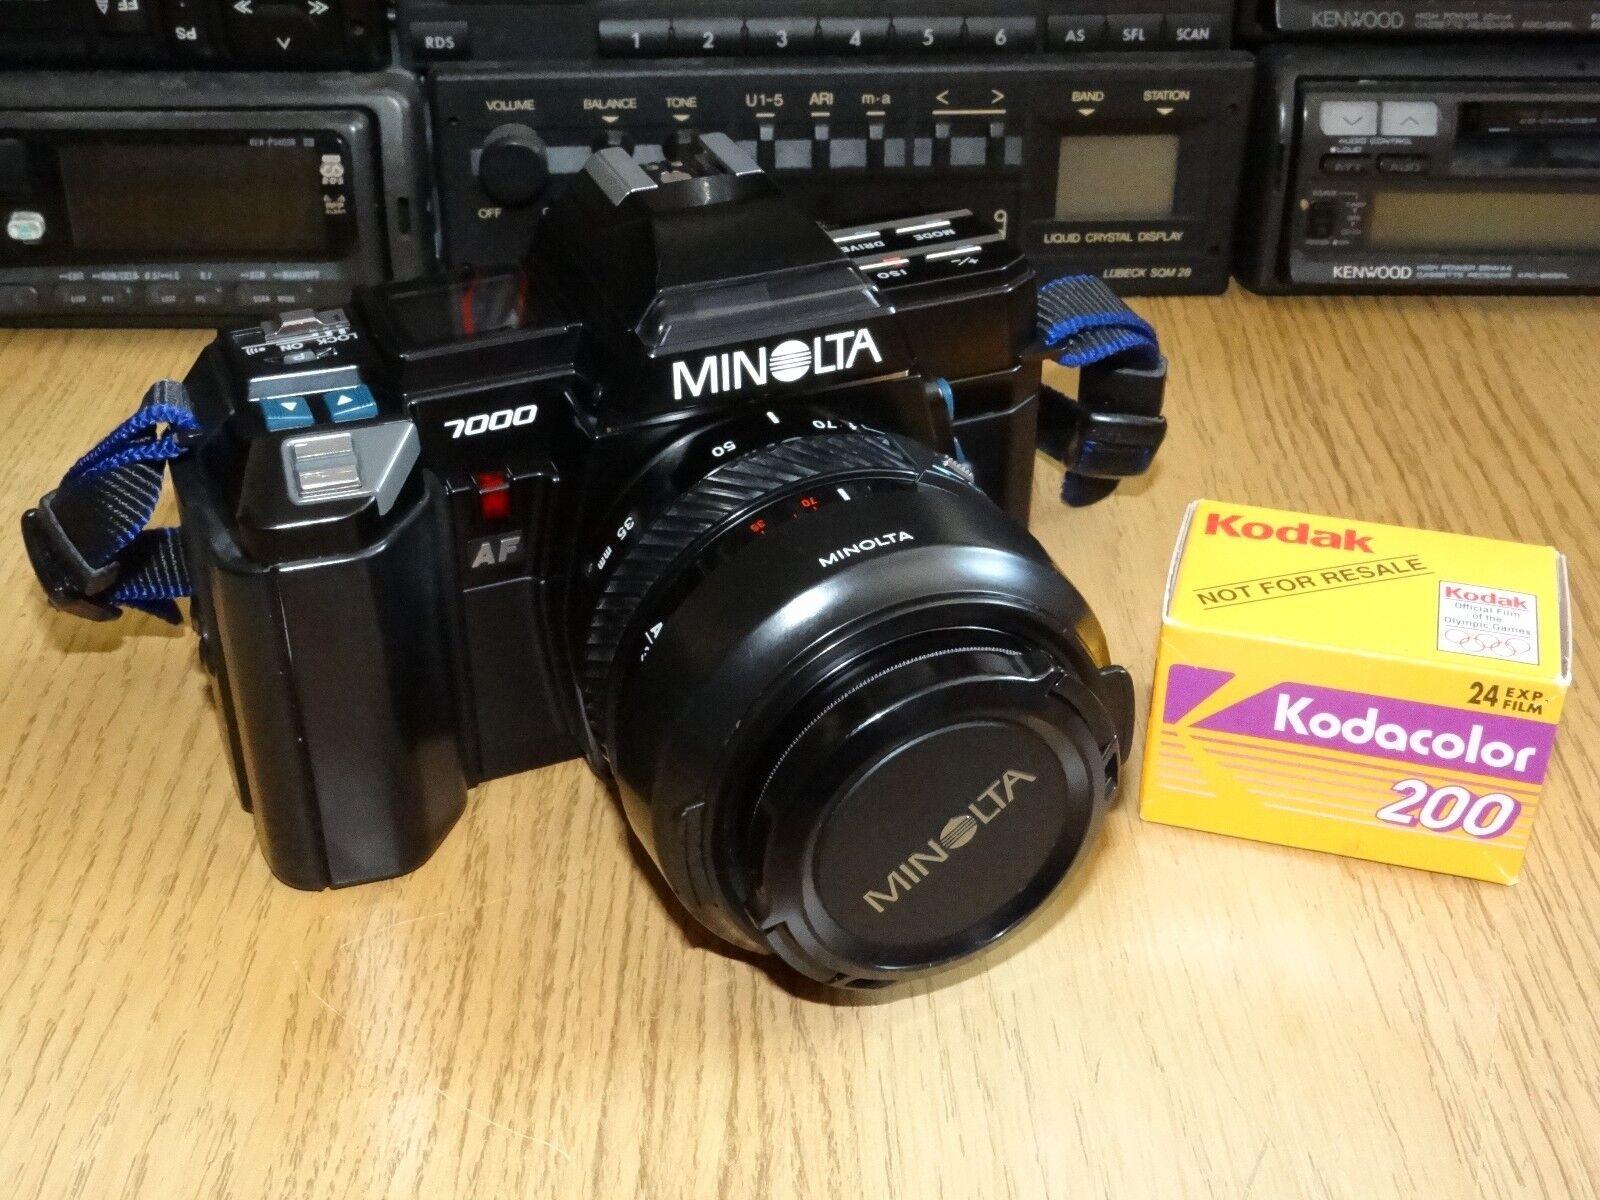 Konica Minolta Maxxum 7000 35mm SLR Film Camera Body Only